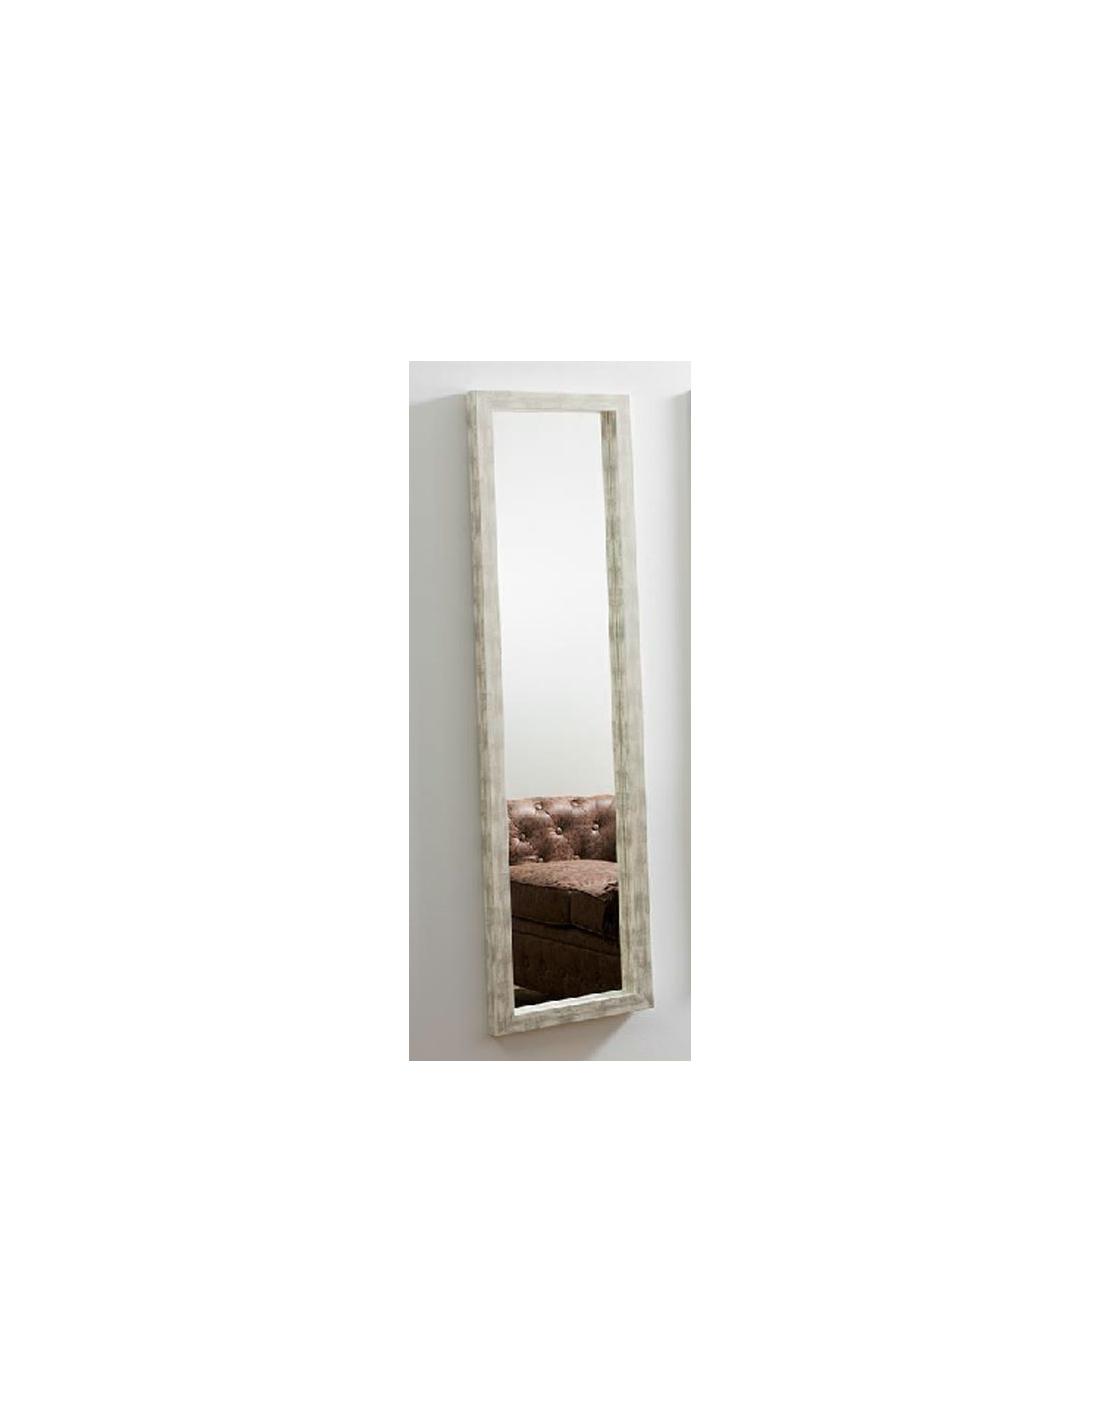 Comprar espejo decorativo rectangular blanco desgastado 43 for Espejo rectangular